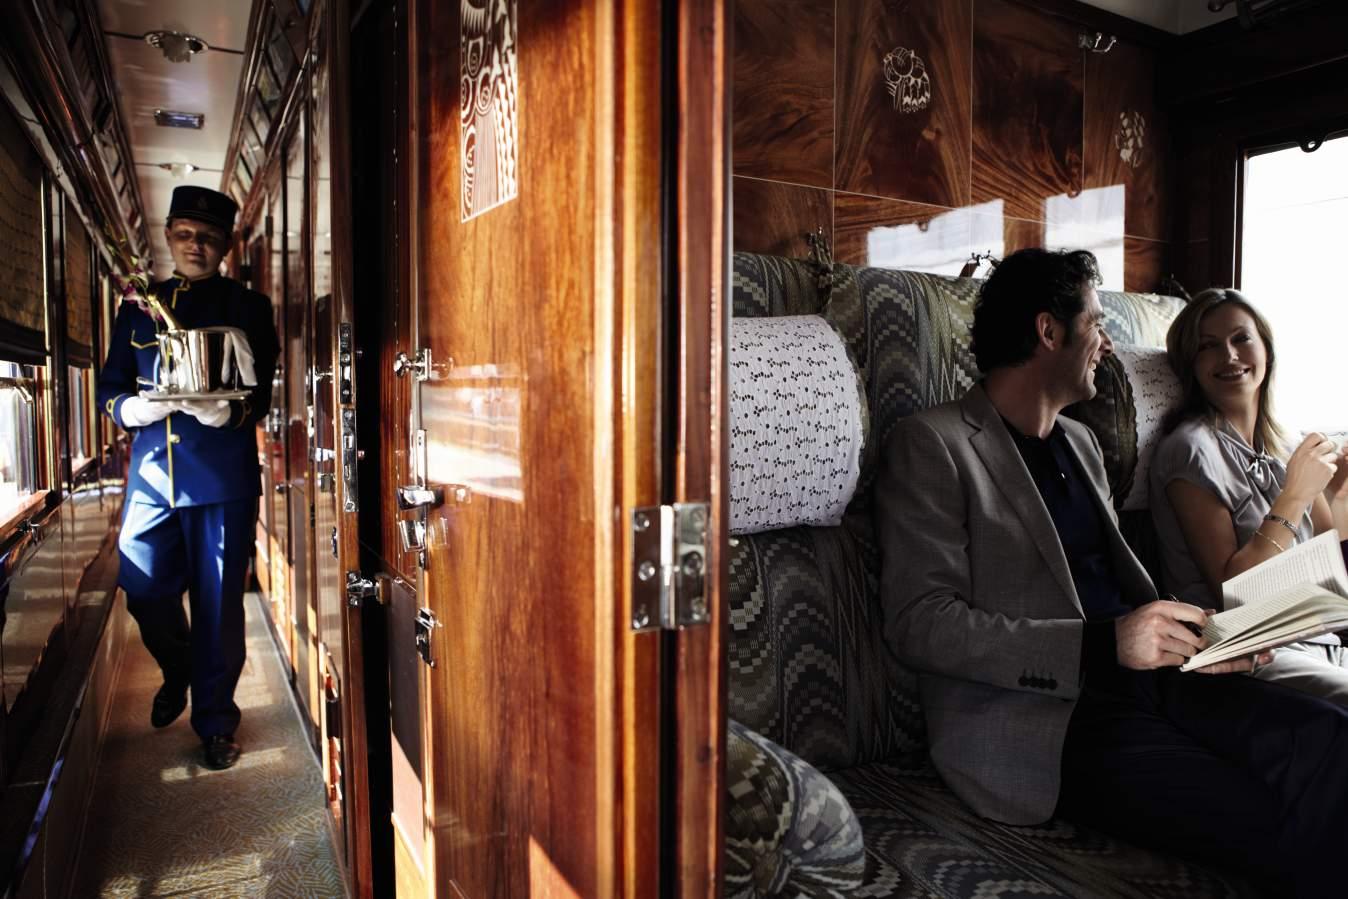 Venice Simplon-Orient-Express London-Venezia eller Paris-Venezia